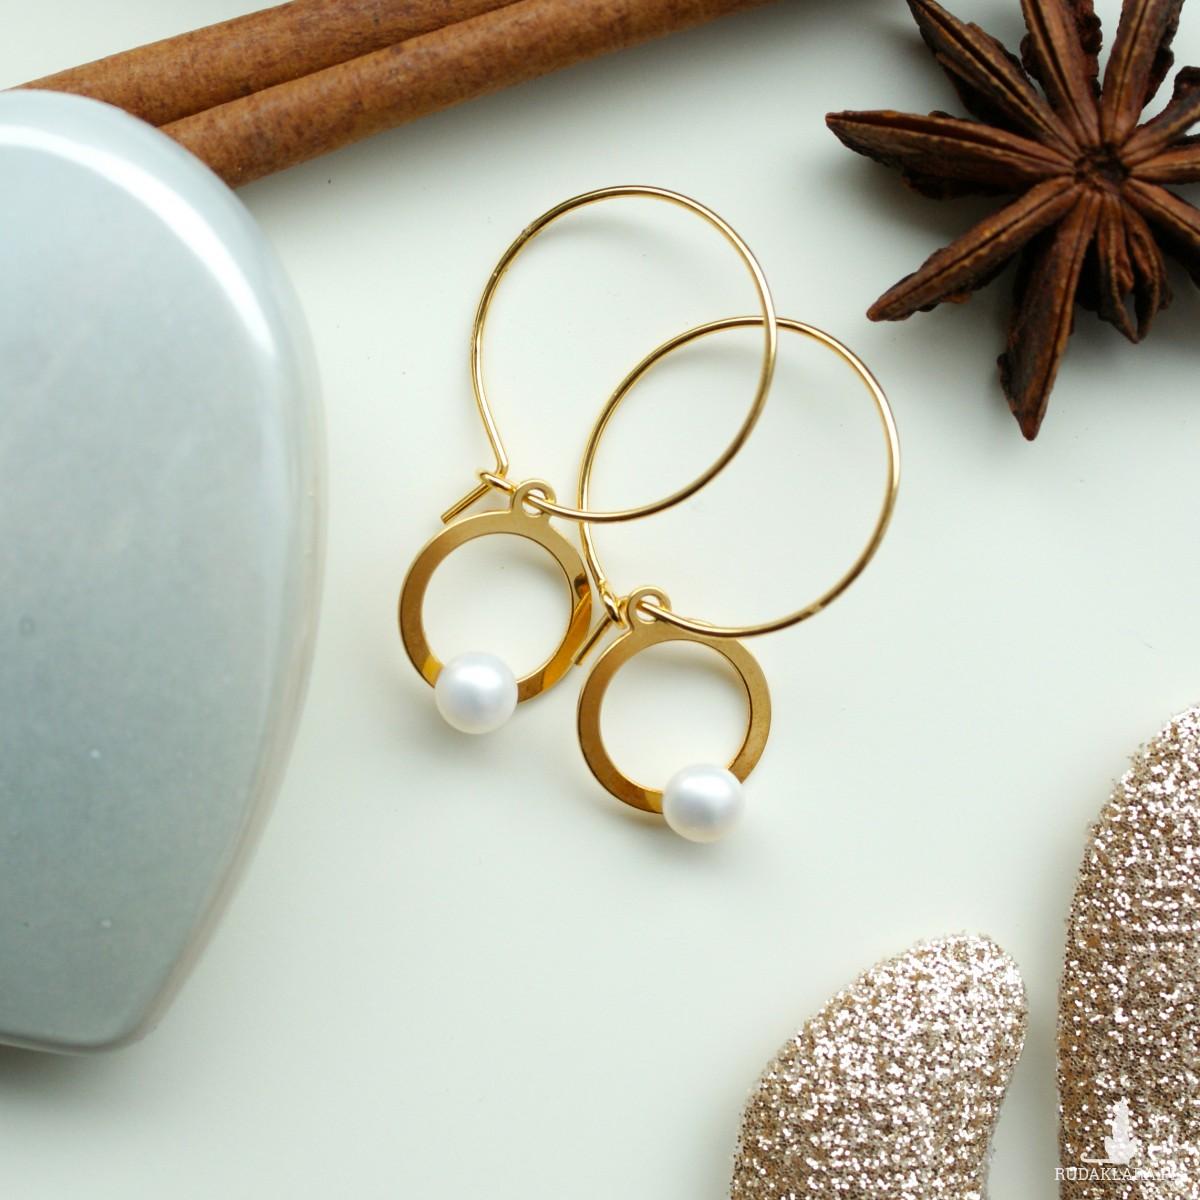 Kolczyki Koła Z Naturalną Perłą Srebro 925 Złocone